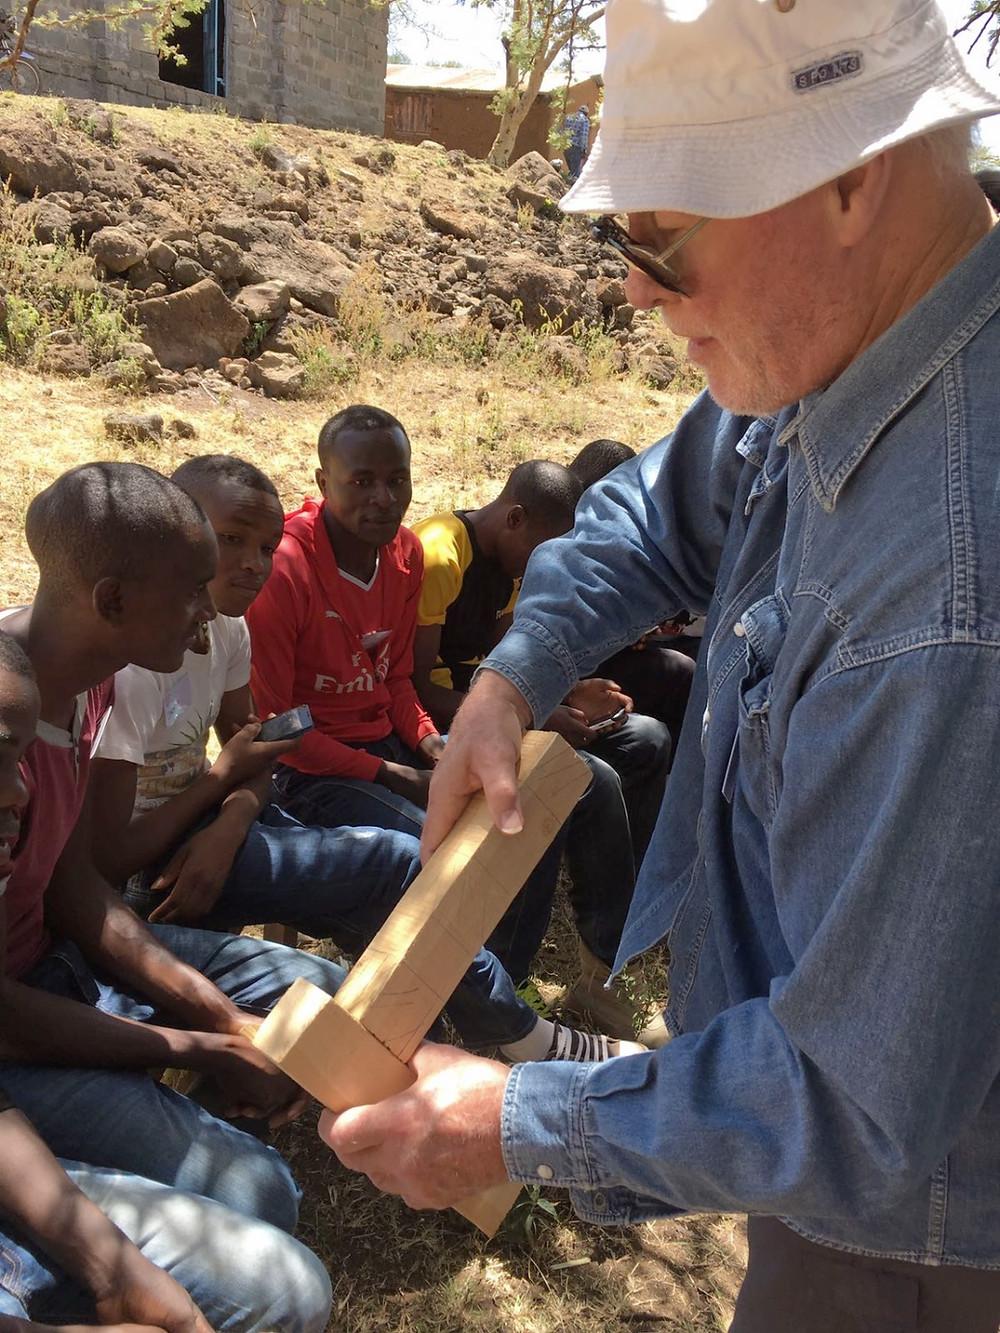 Bill teaches carpentry